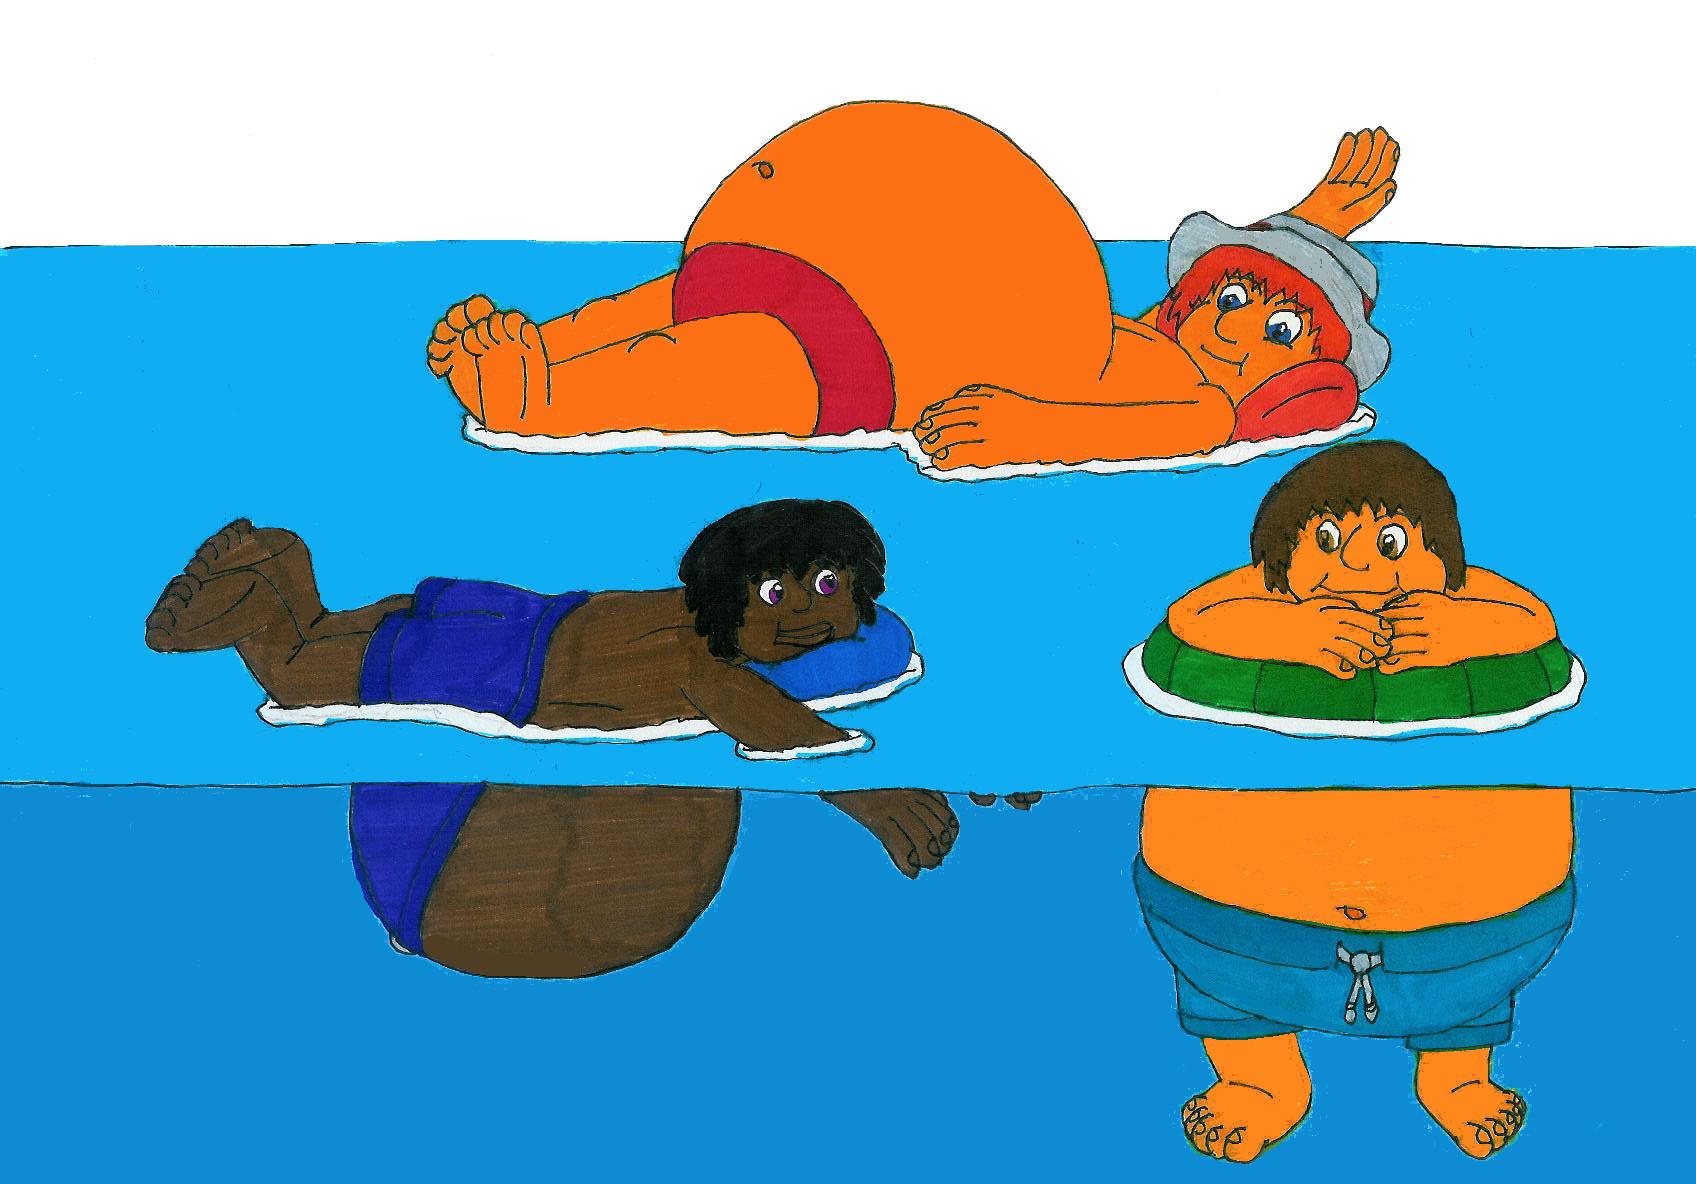 Cartoon Boy Swimming Images | FemaleCelebrity